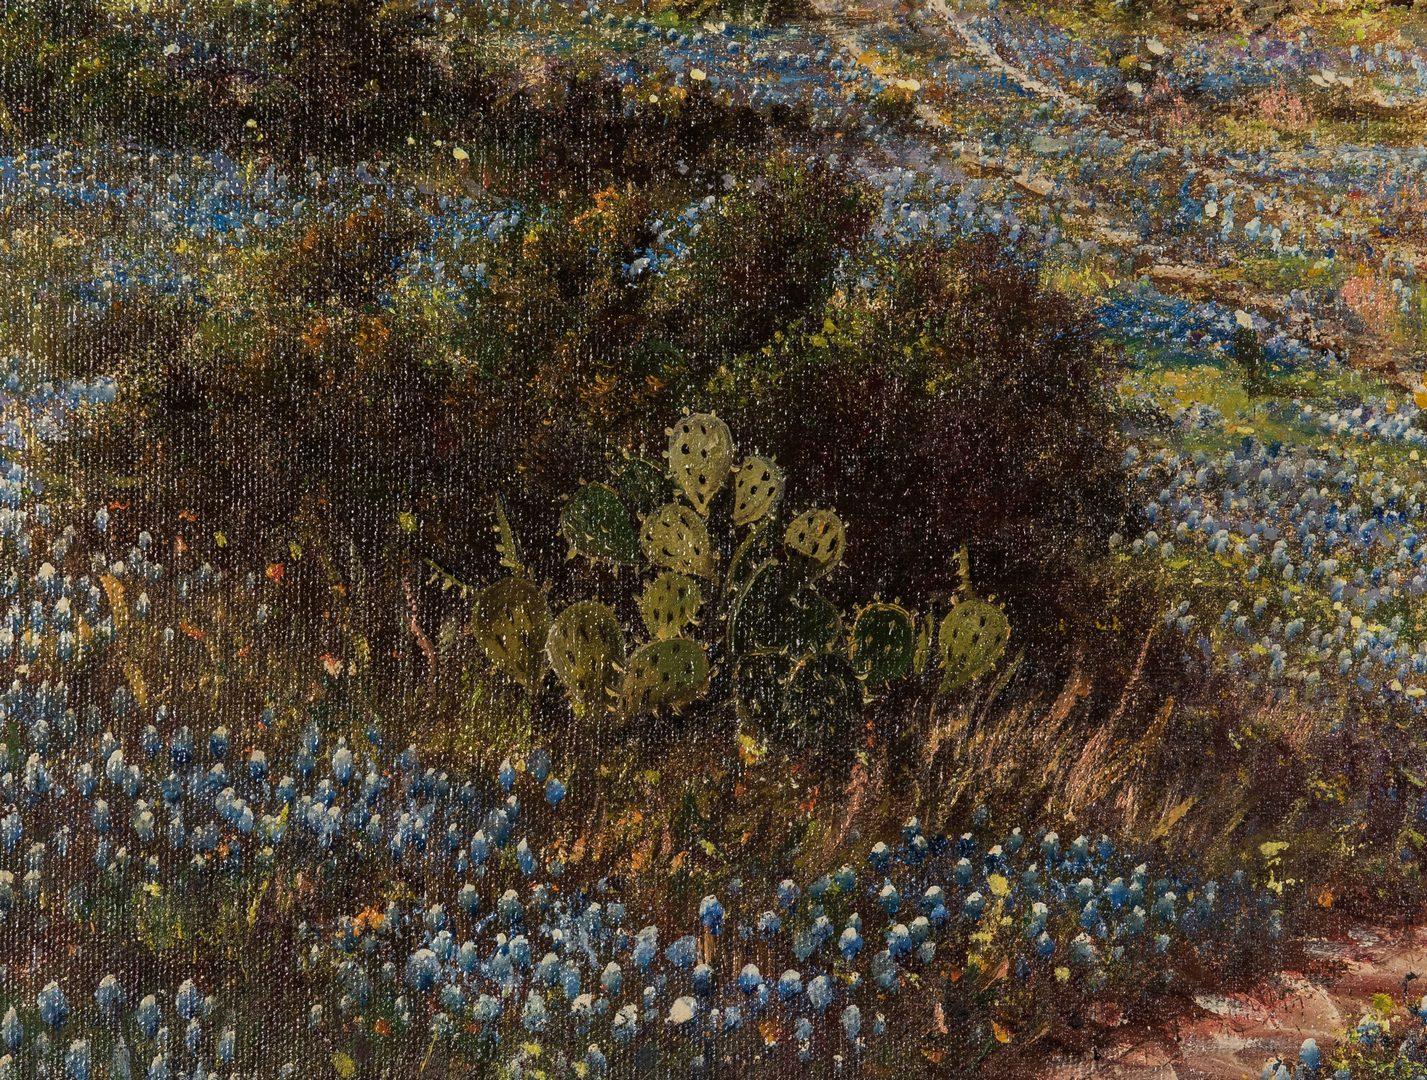 Lot 618: W.R. Thrasher, TX Bluebonnets Landscape Oil